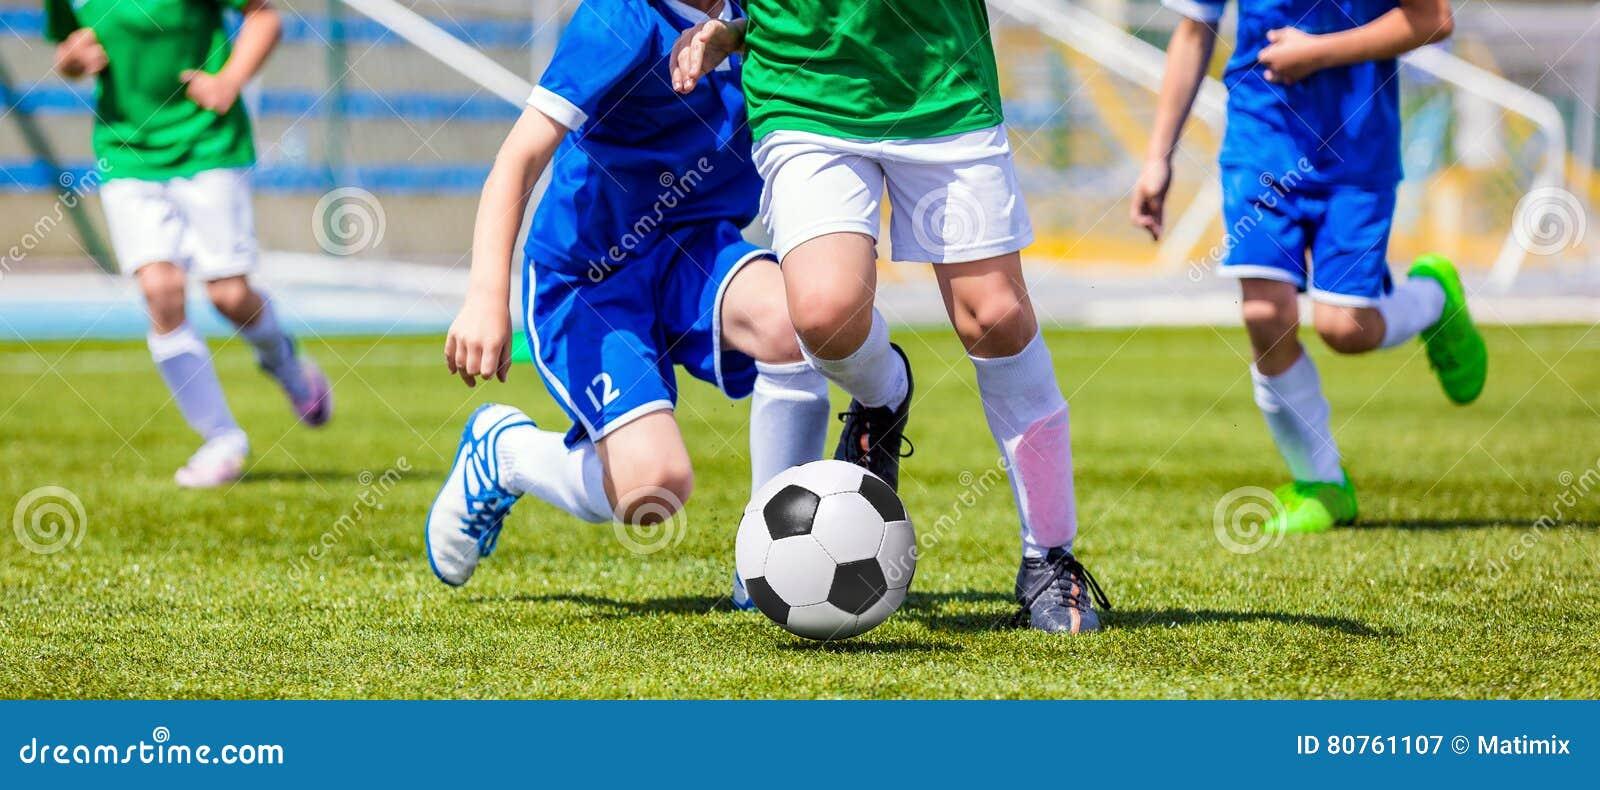 Laufende Fußball-Fußball-Spieler Fußballspieler, die Fußballspiel treten